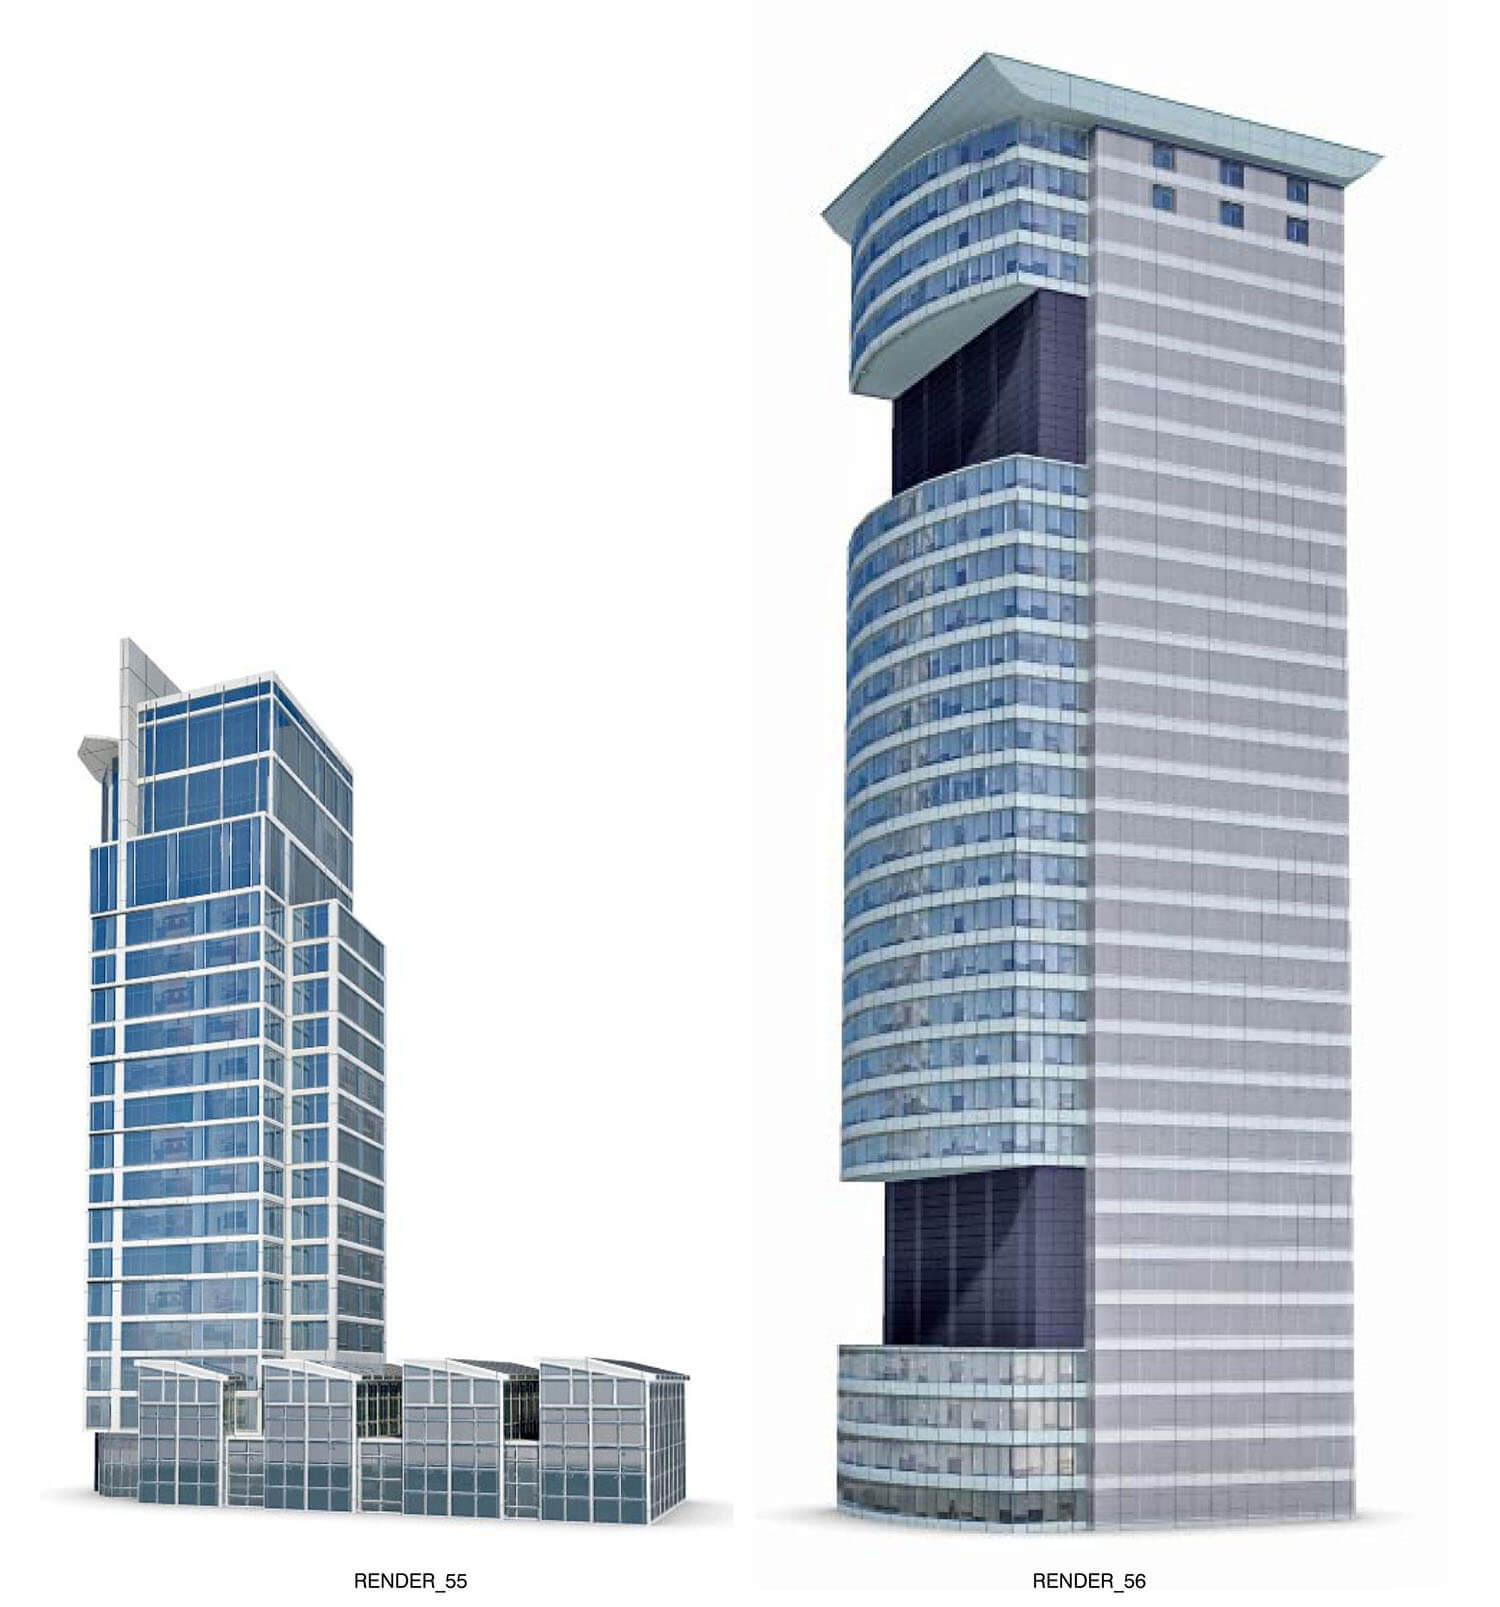 Nhà cao tầng, building với các mặt bằng kính, giảm khối lượng của tòa nhà